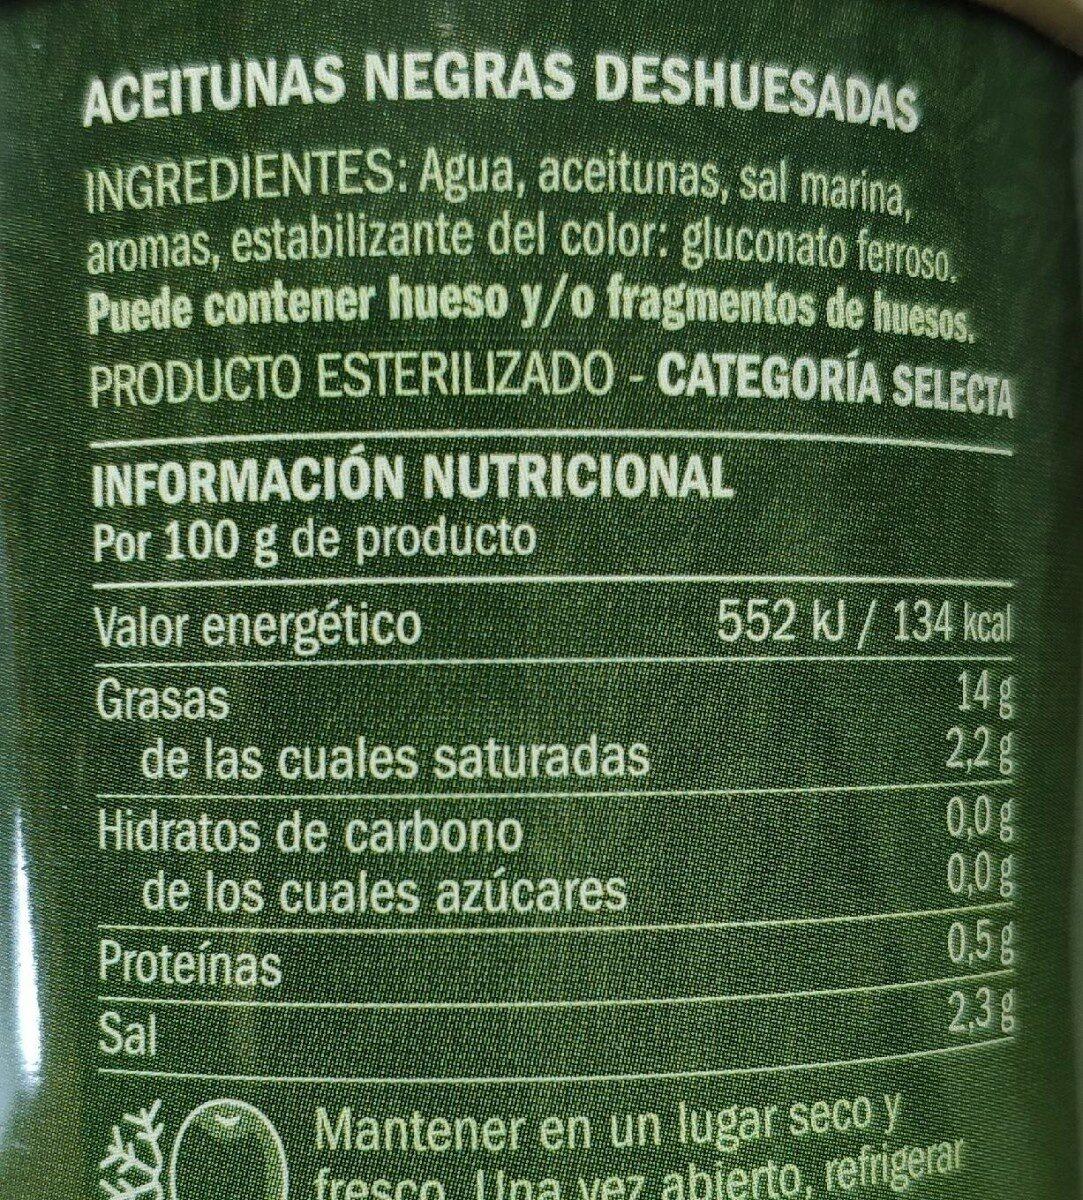 Aceitunas negras deshuesada - Ingrédients - es